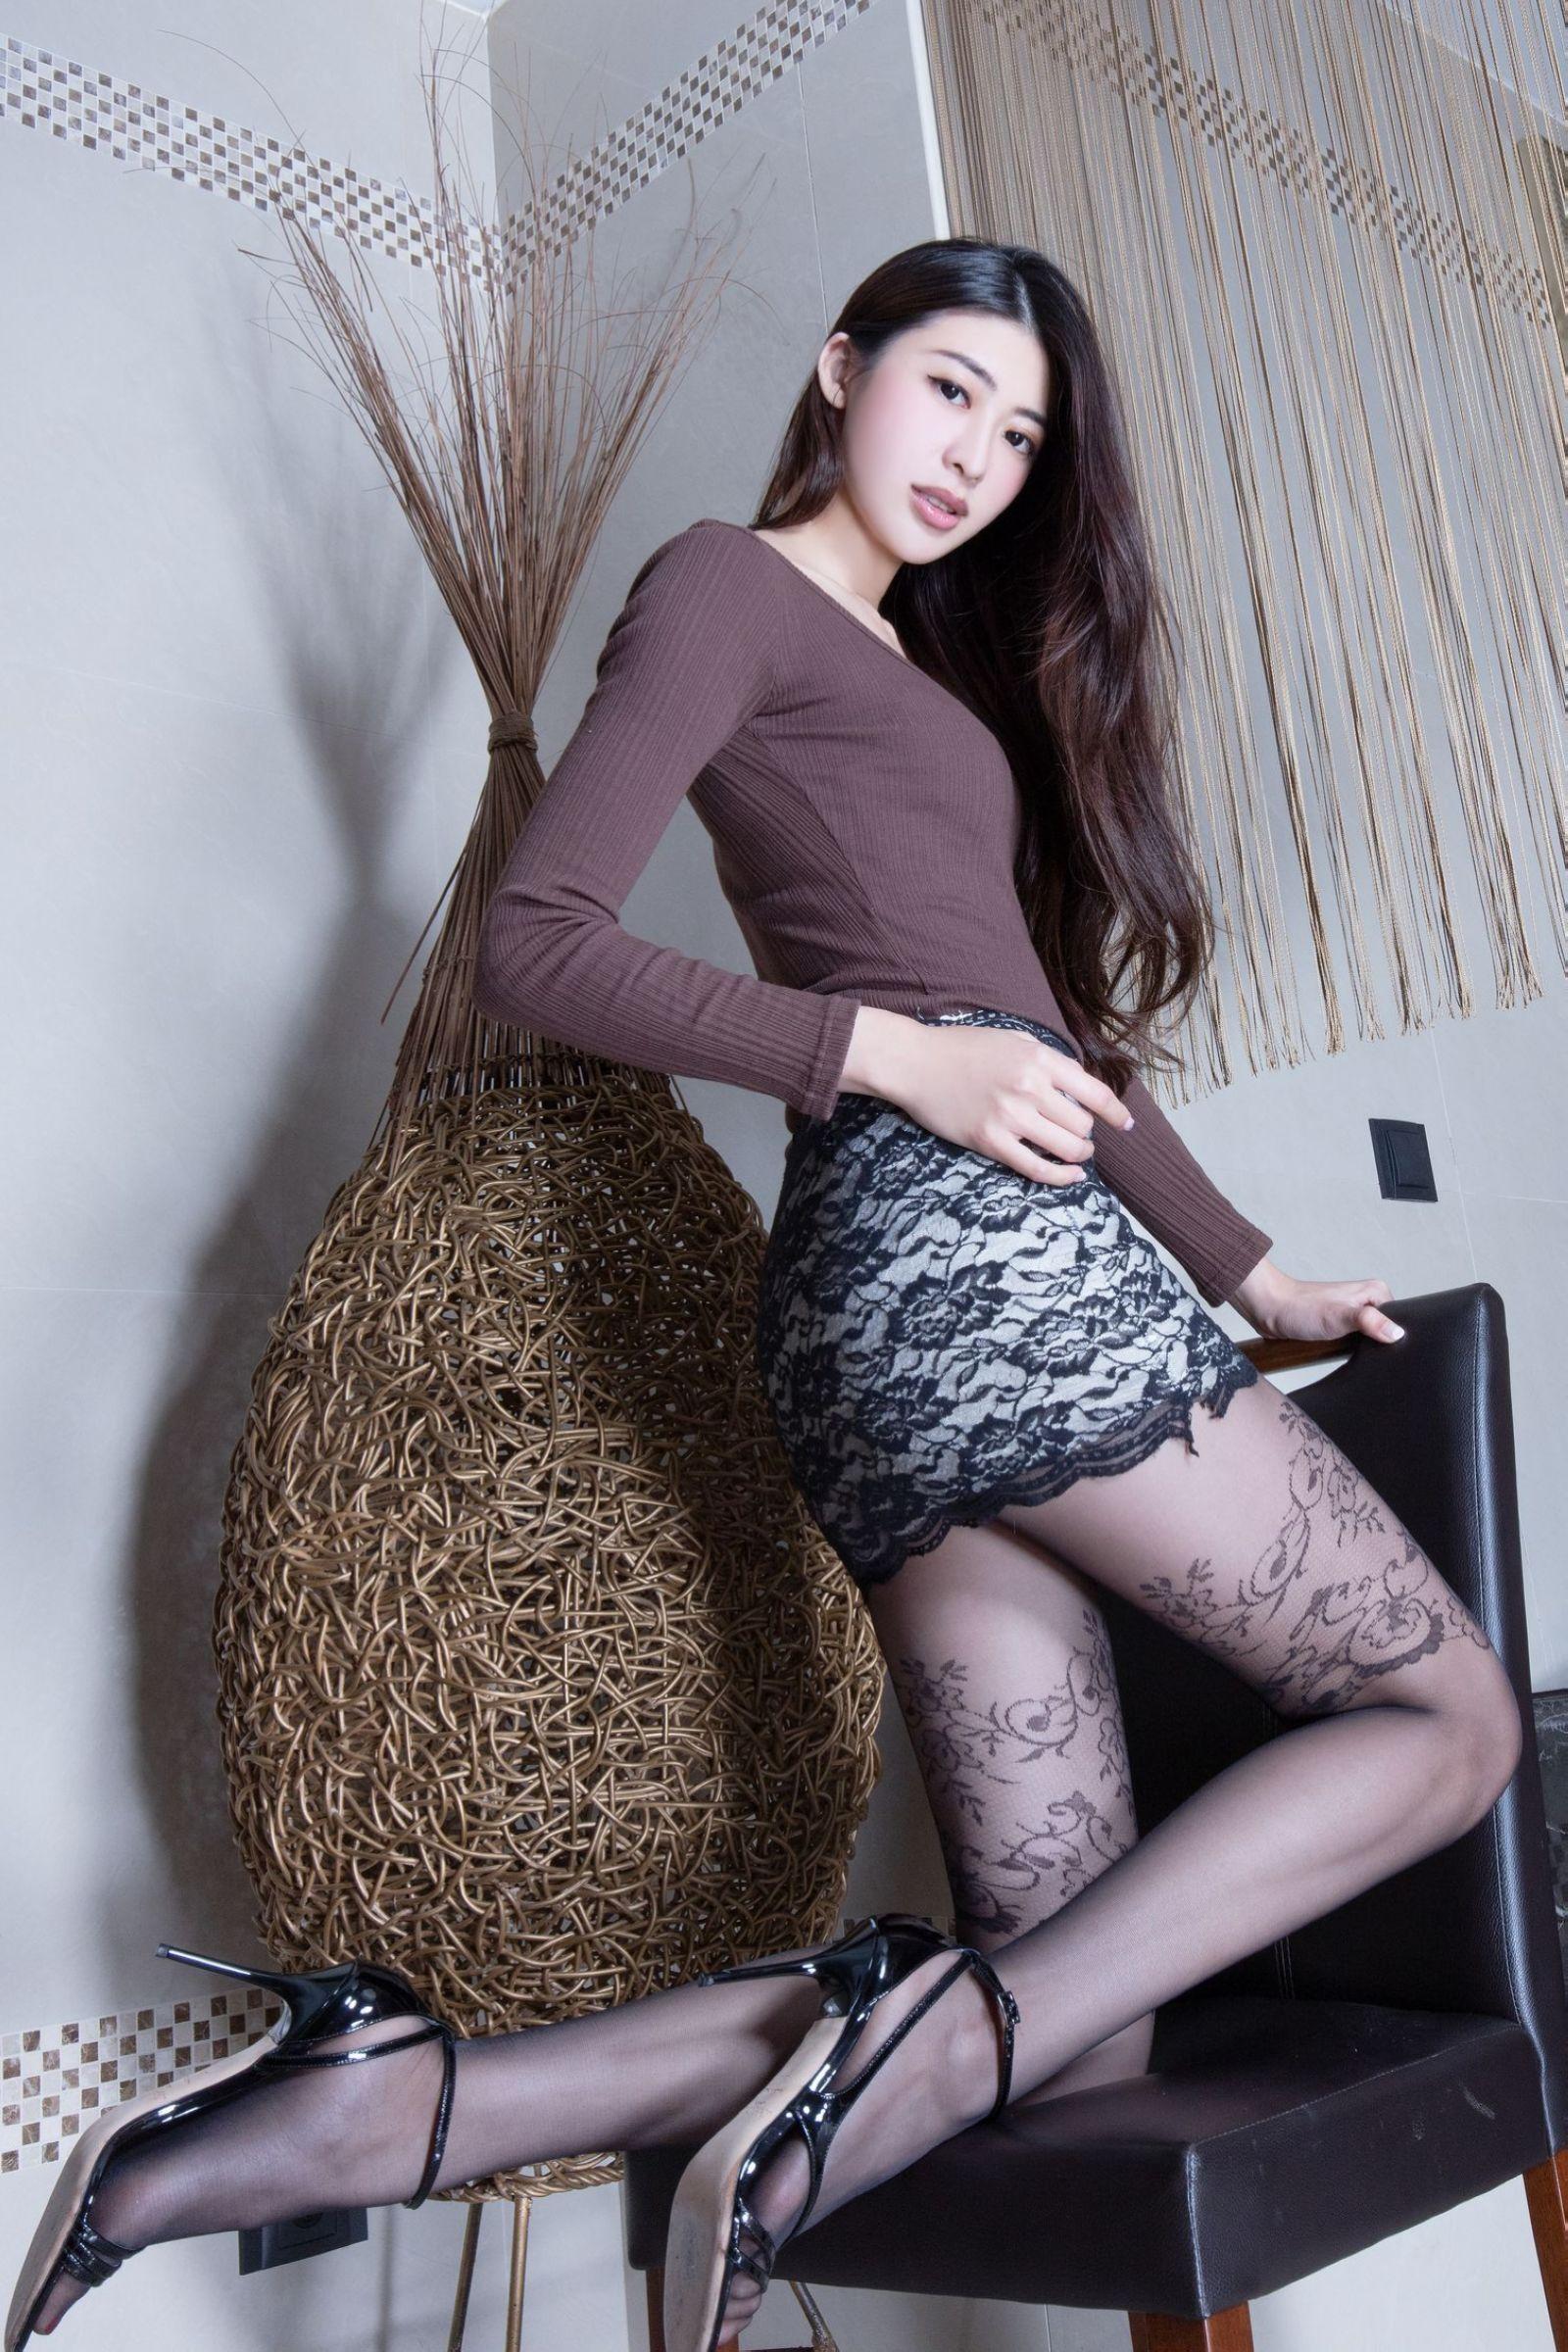 爱秀美腿秀Flora2 - 花開有聲 - 花開有聲